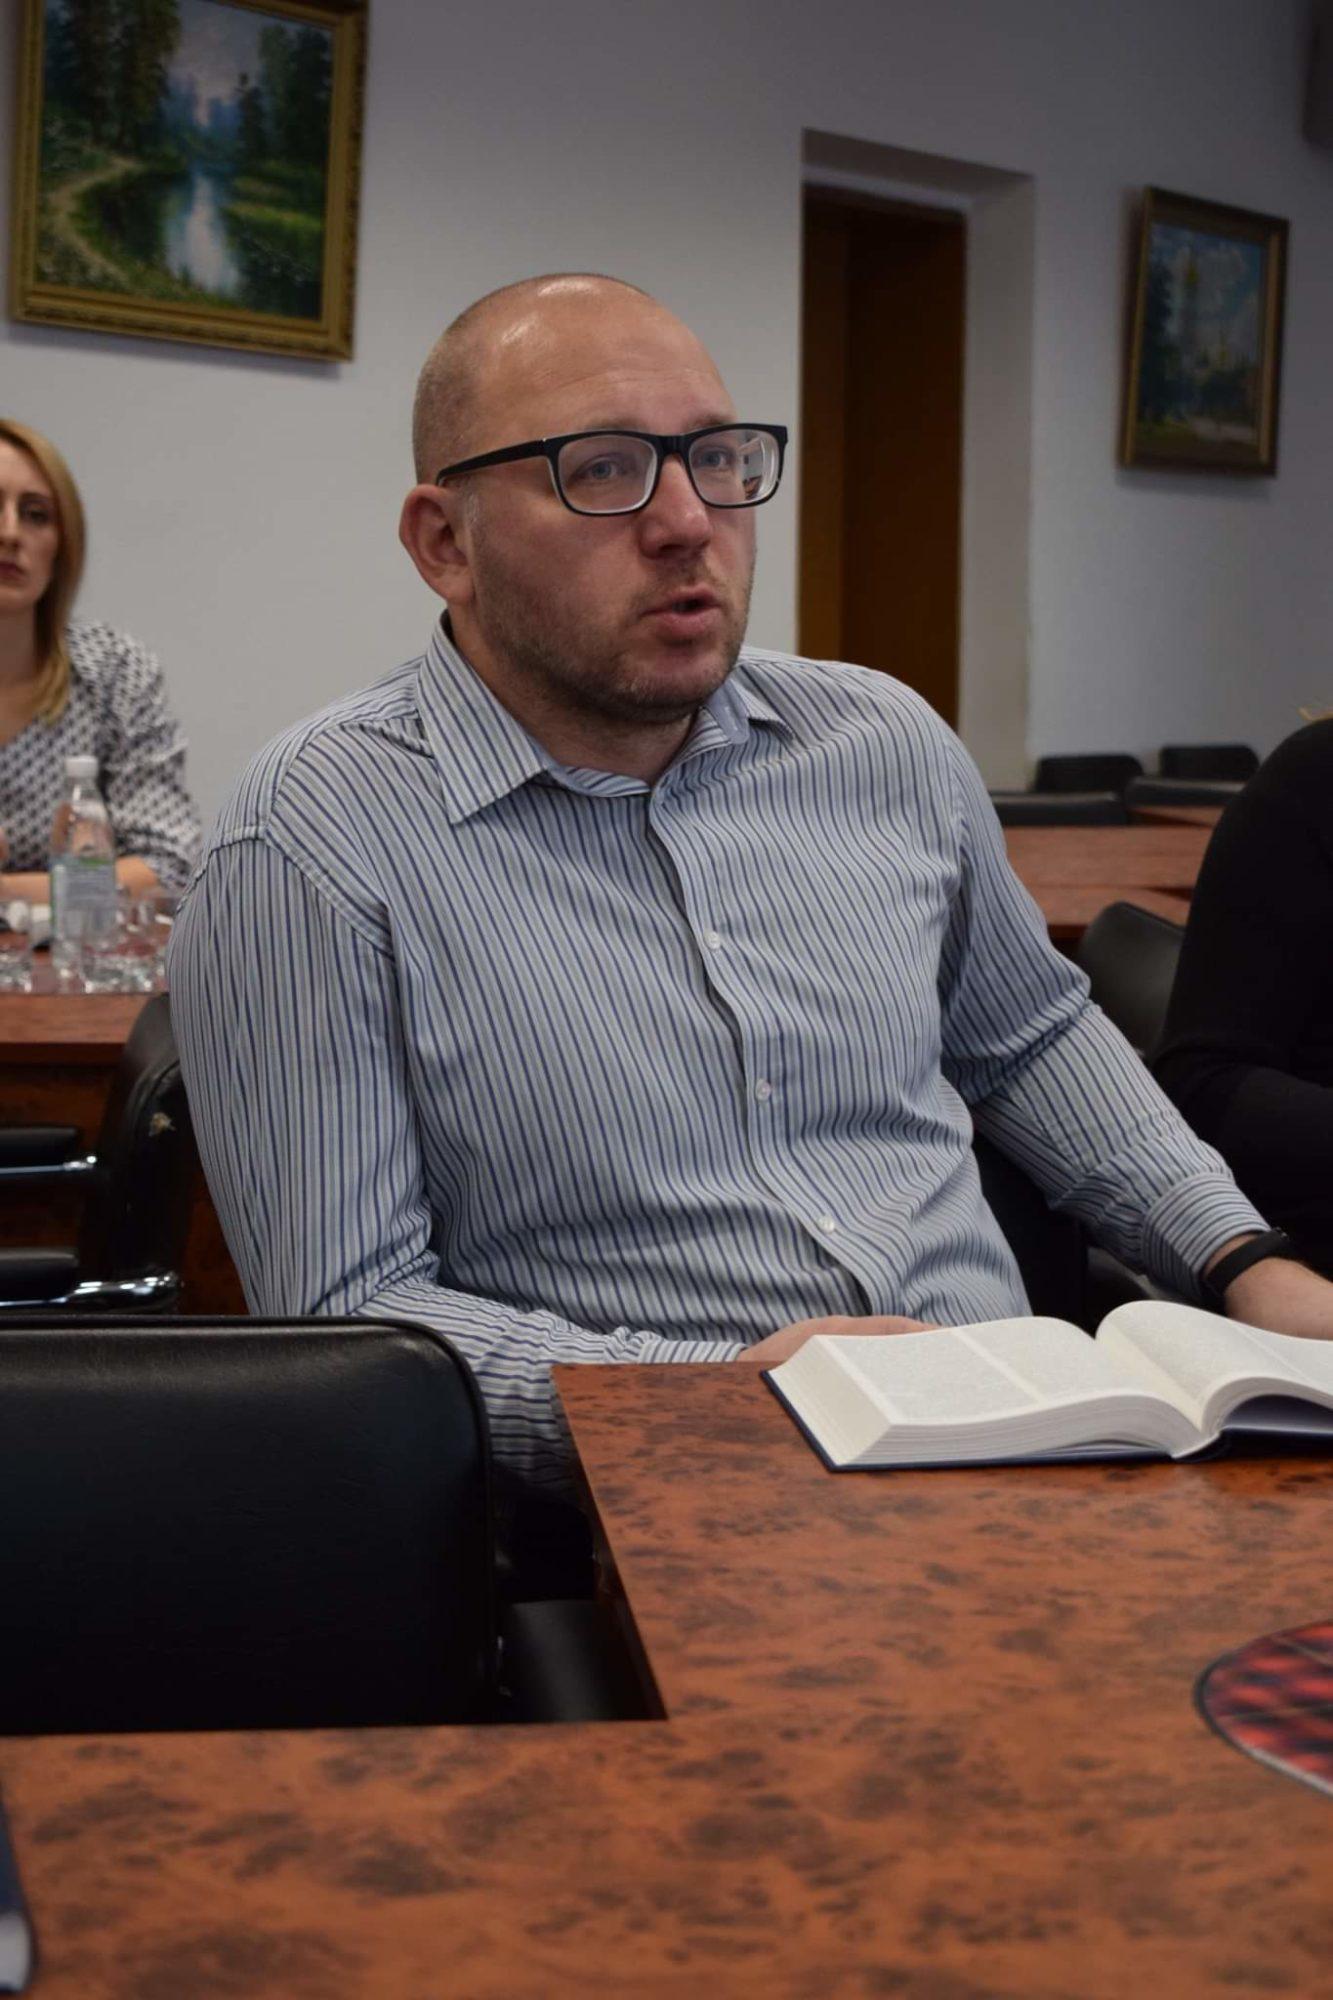 День Біблії: як у Броварах Святе Письмо вивчають - християни, Броварська міська рада - yzobrazhenye viber 2020 11 29 12 51 00 1333x2000